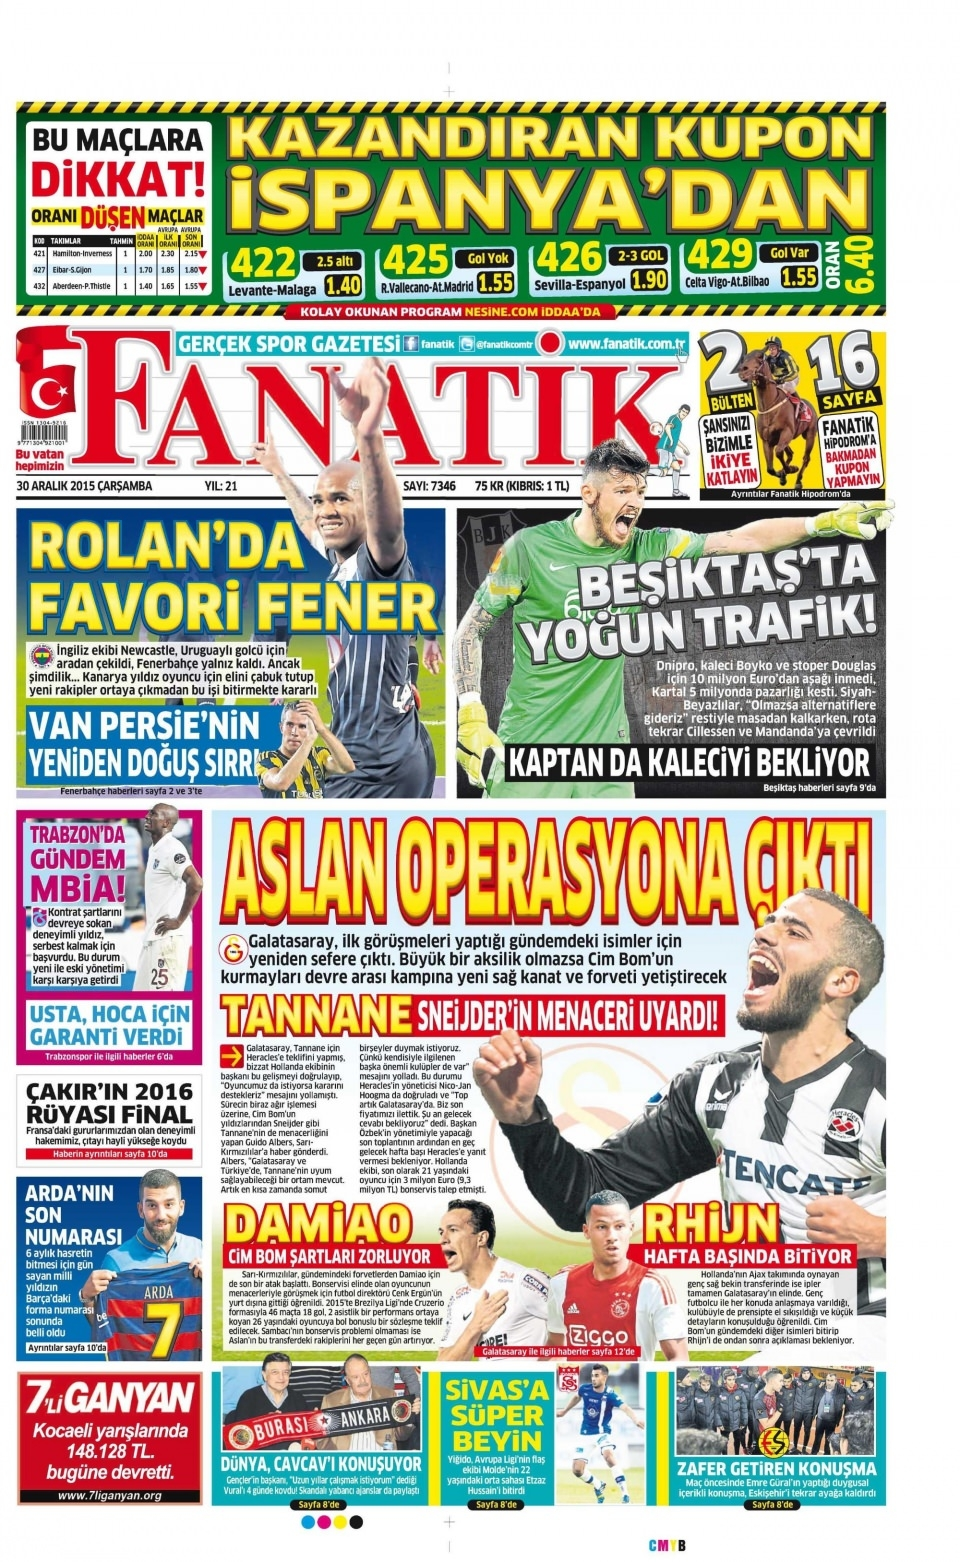 30 Aralık 2015 gazete manşetleri 10